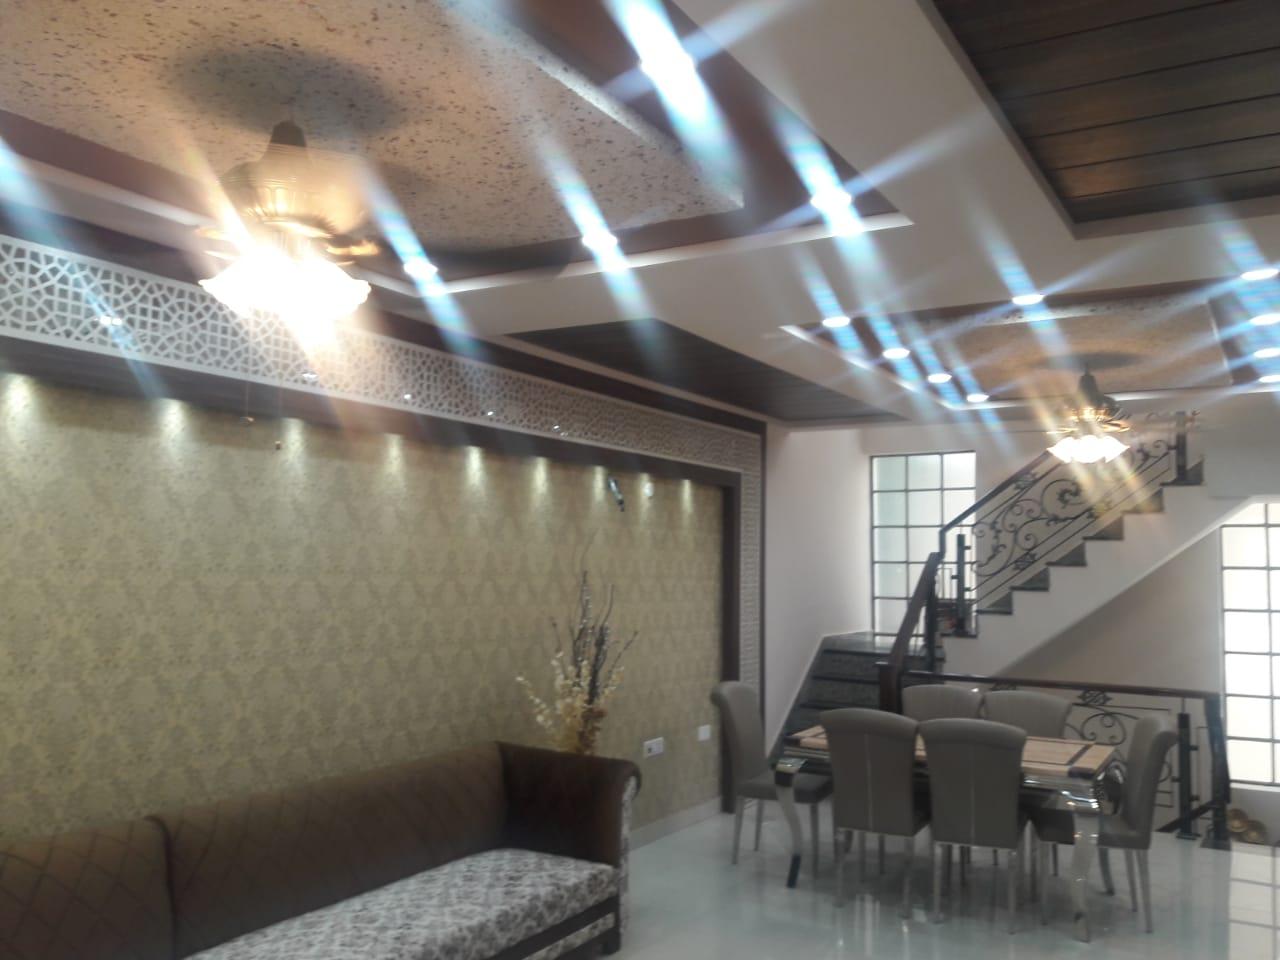 Furnished Villa For Sale Near Vaishali Nagar Jaipur – 4 Bhk